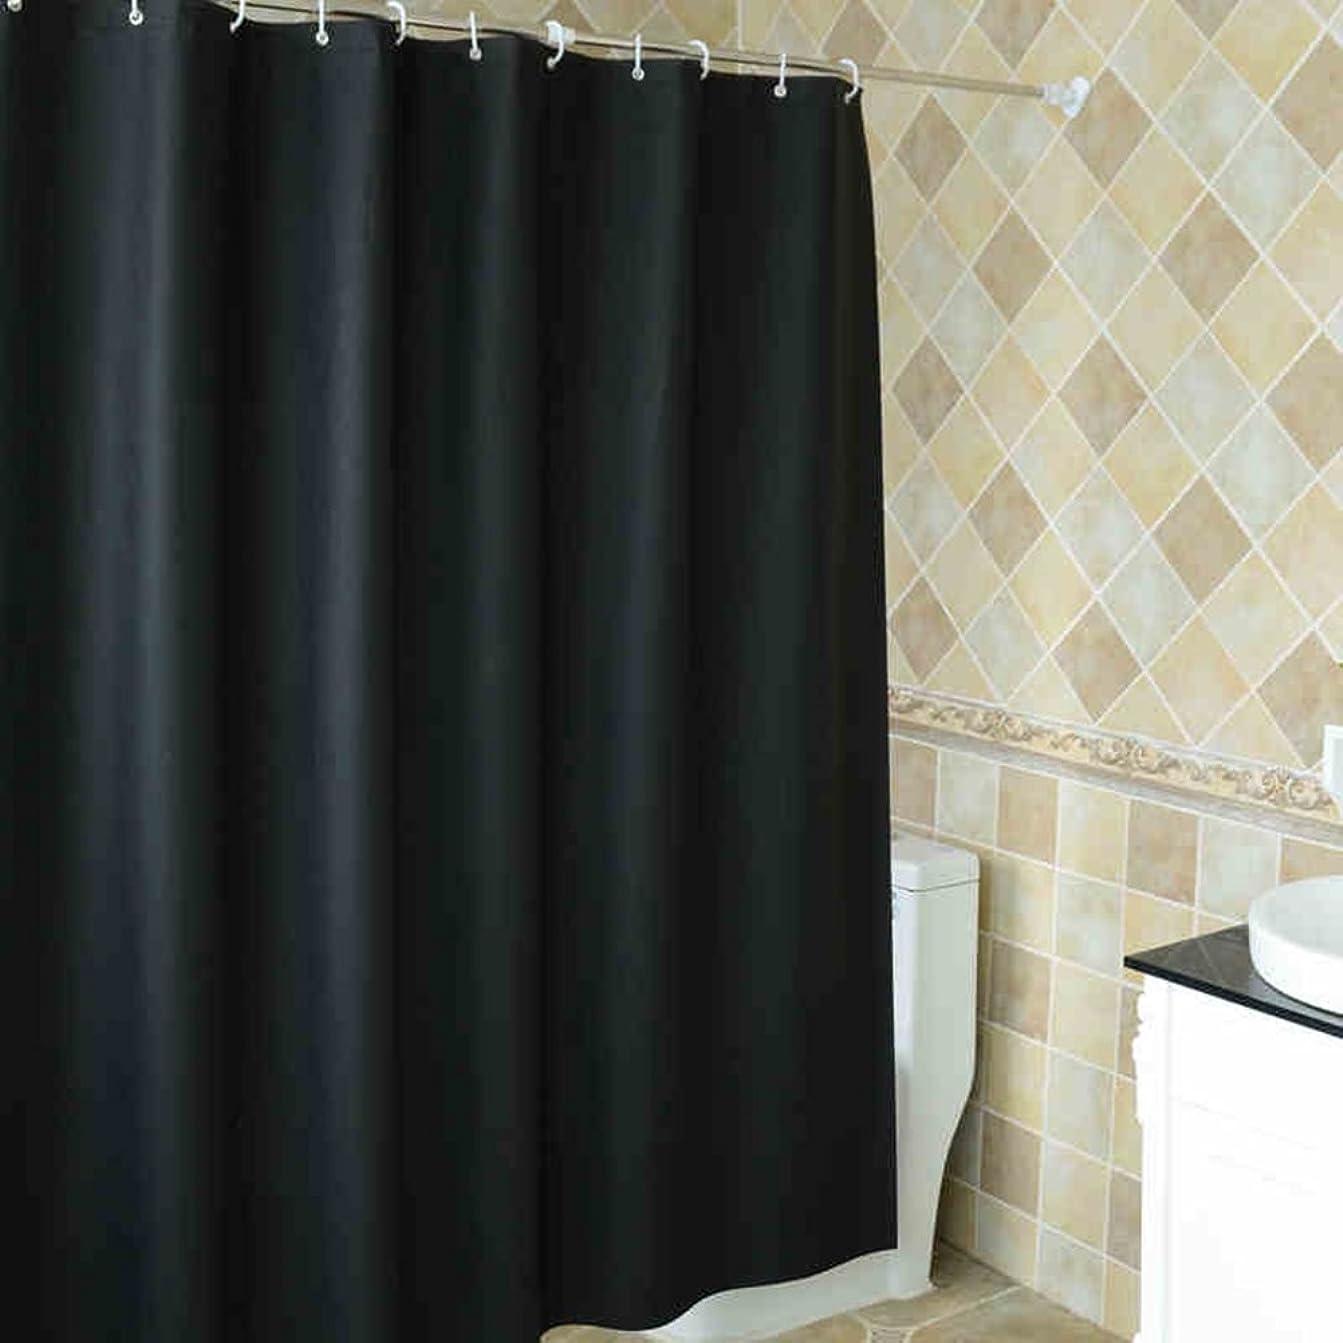 勧める優れた征服者EISOON シャワーカーテン 簡約 黒 お風呂バスルームのカーテン PEVA製 プラス厚 浴室 洗面所等間仕切り 目隠し用 240*200